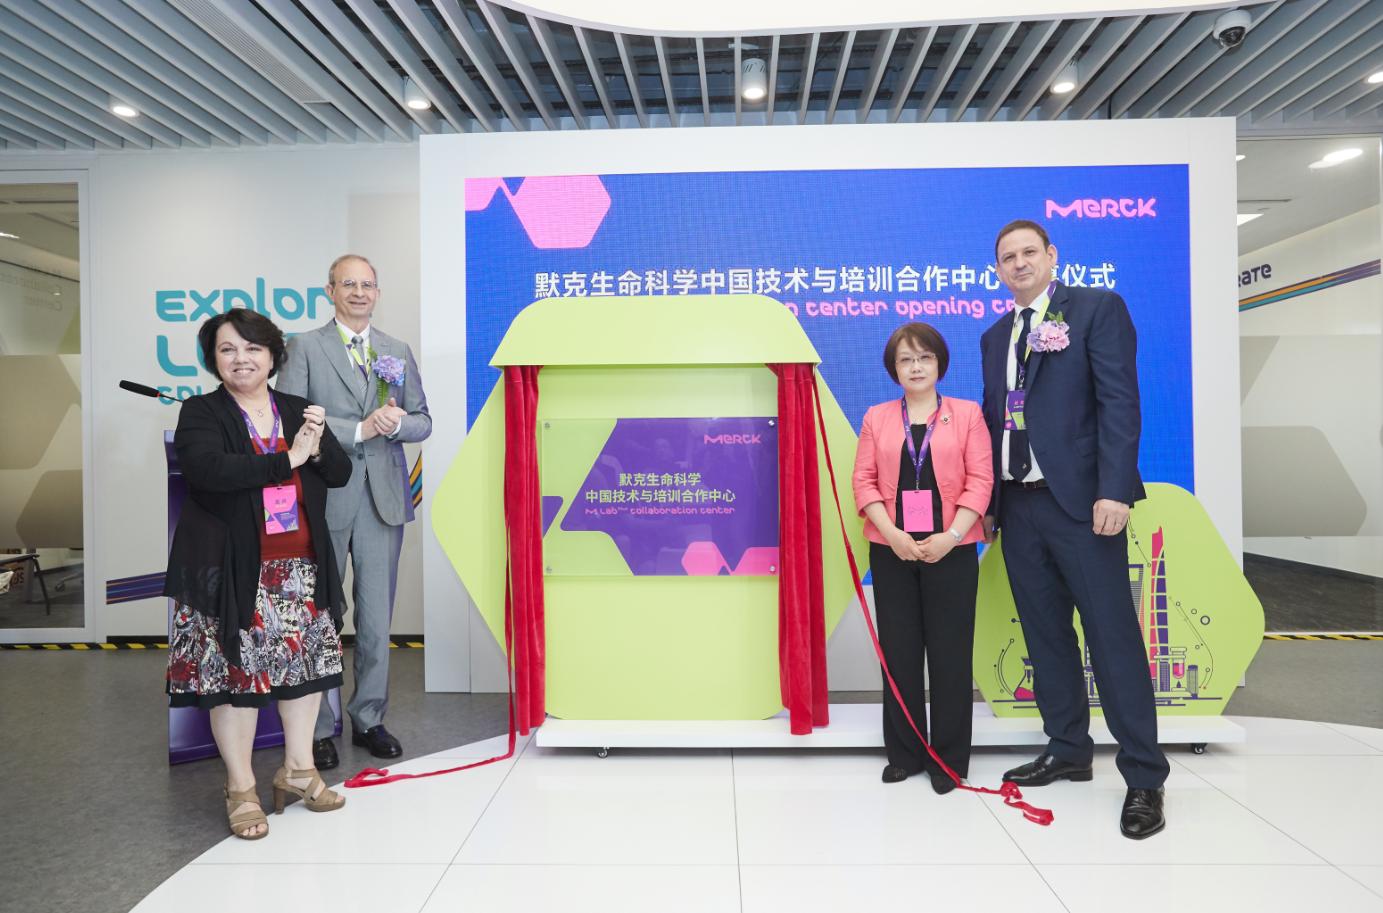 默克全球最大规模生命科学技术与培训合作中心在上海开业